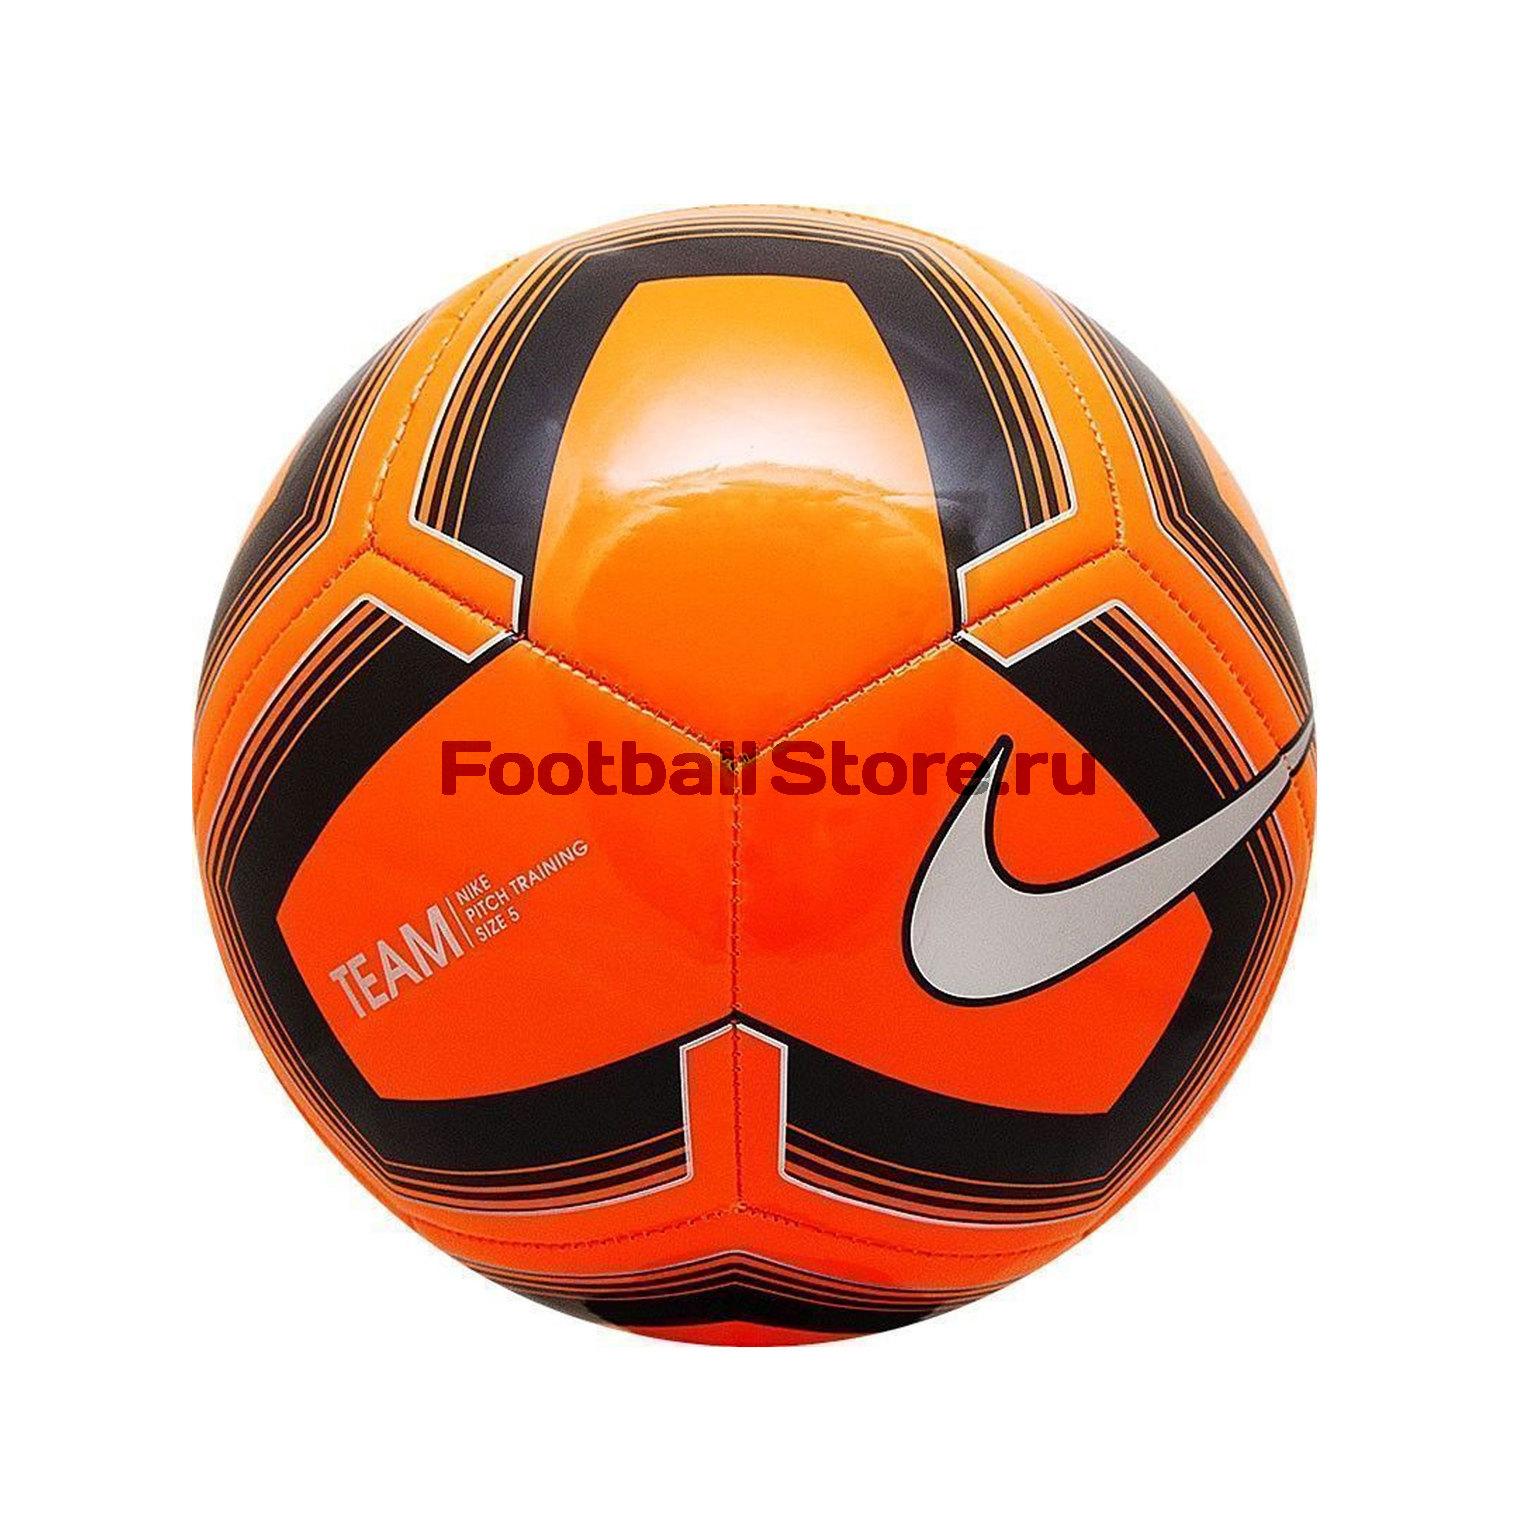 Футбольный мяч Nike Pitch Training SC3893-803 все цены